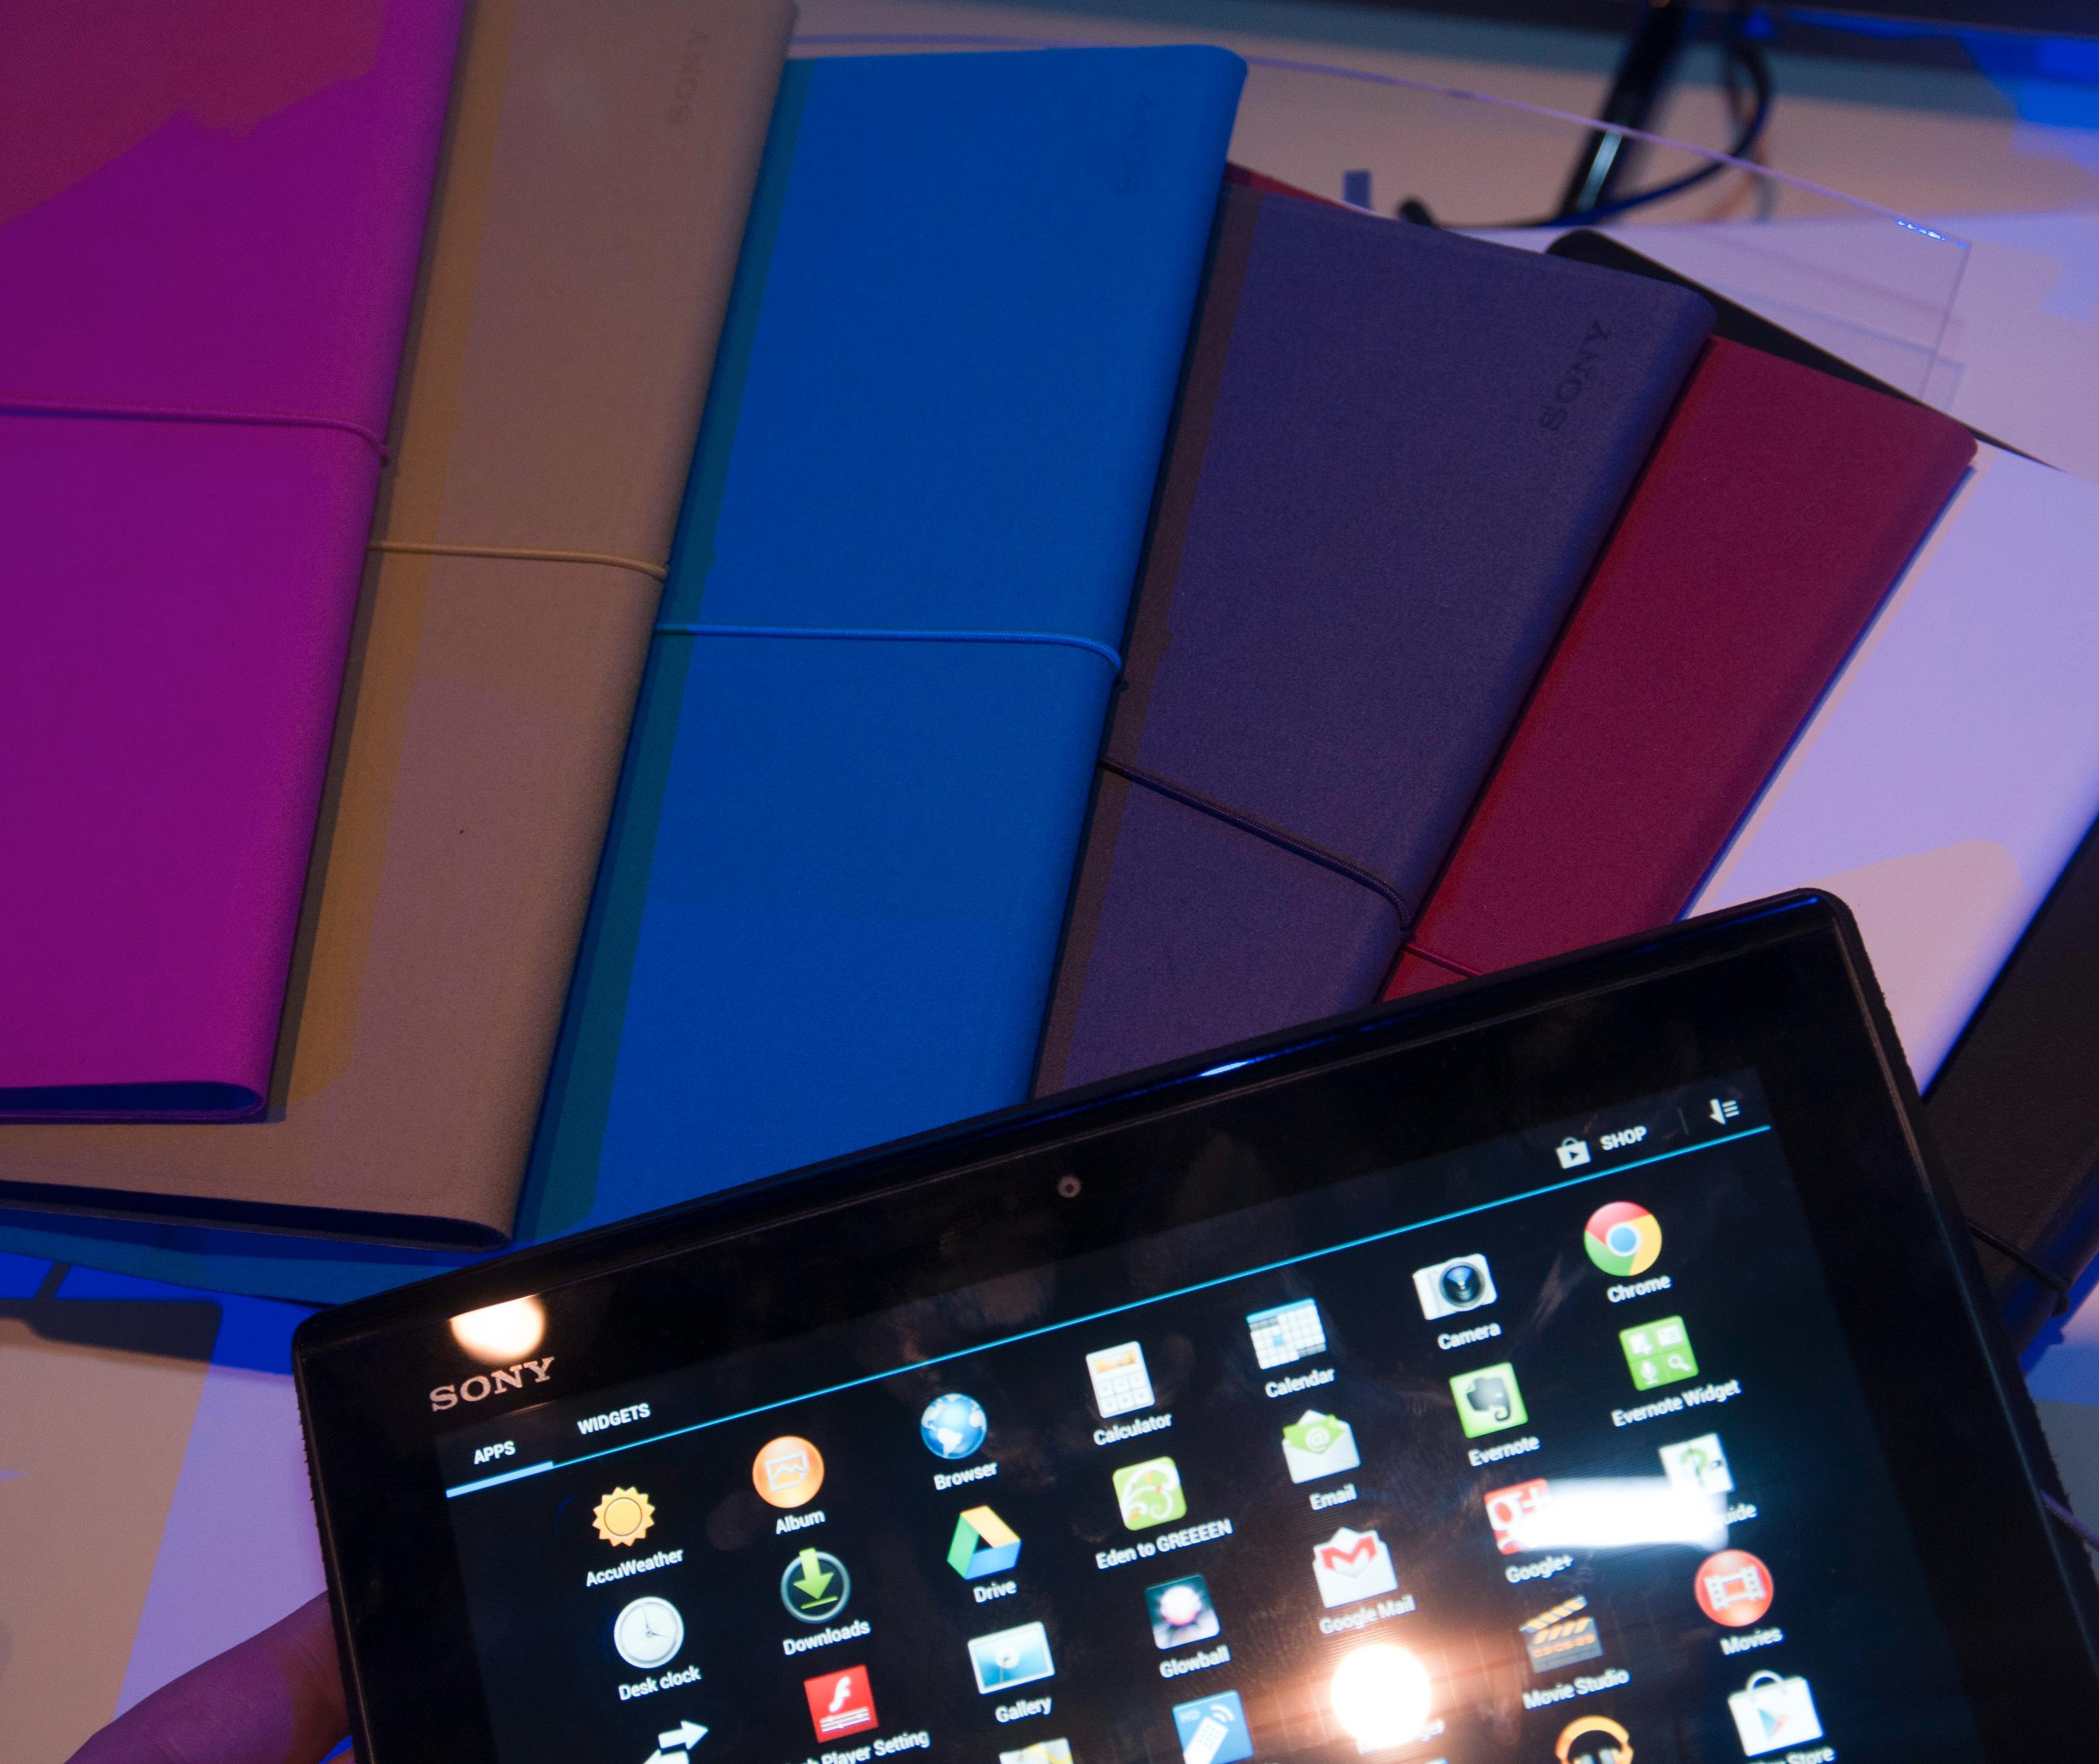 Sony lager deksler i mange farger til Xperia Tablet S.Foto: Finn Jarle Kvalheim, Amobil.no